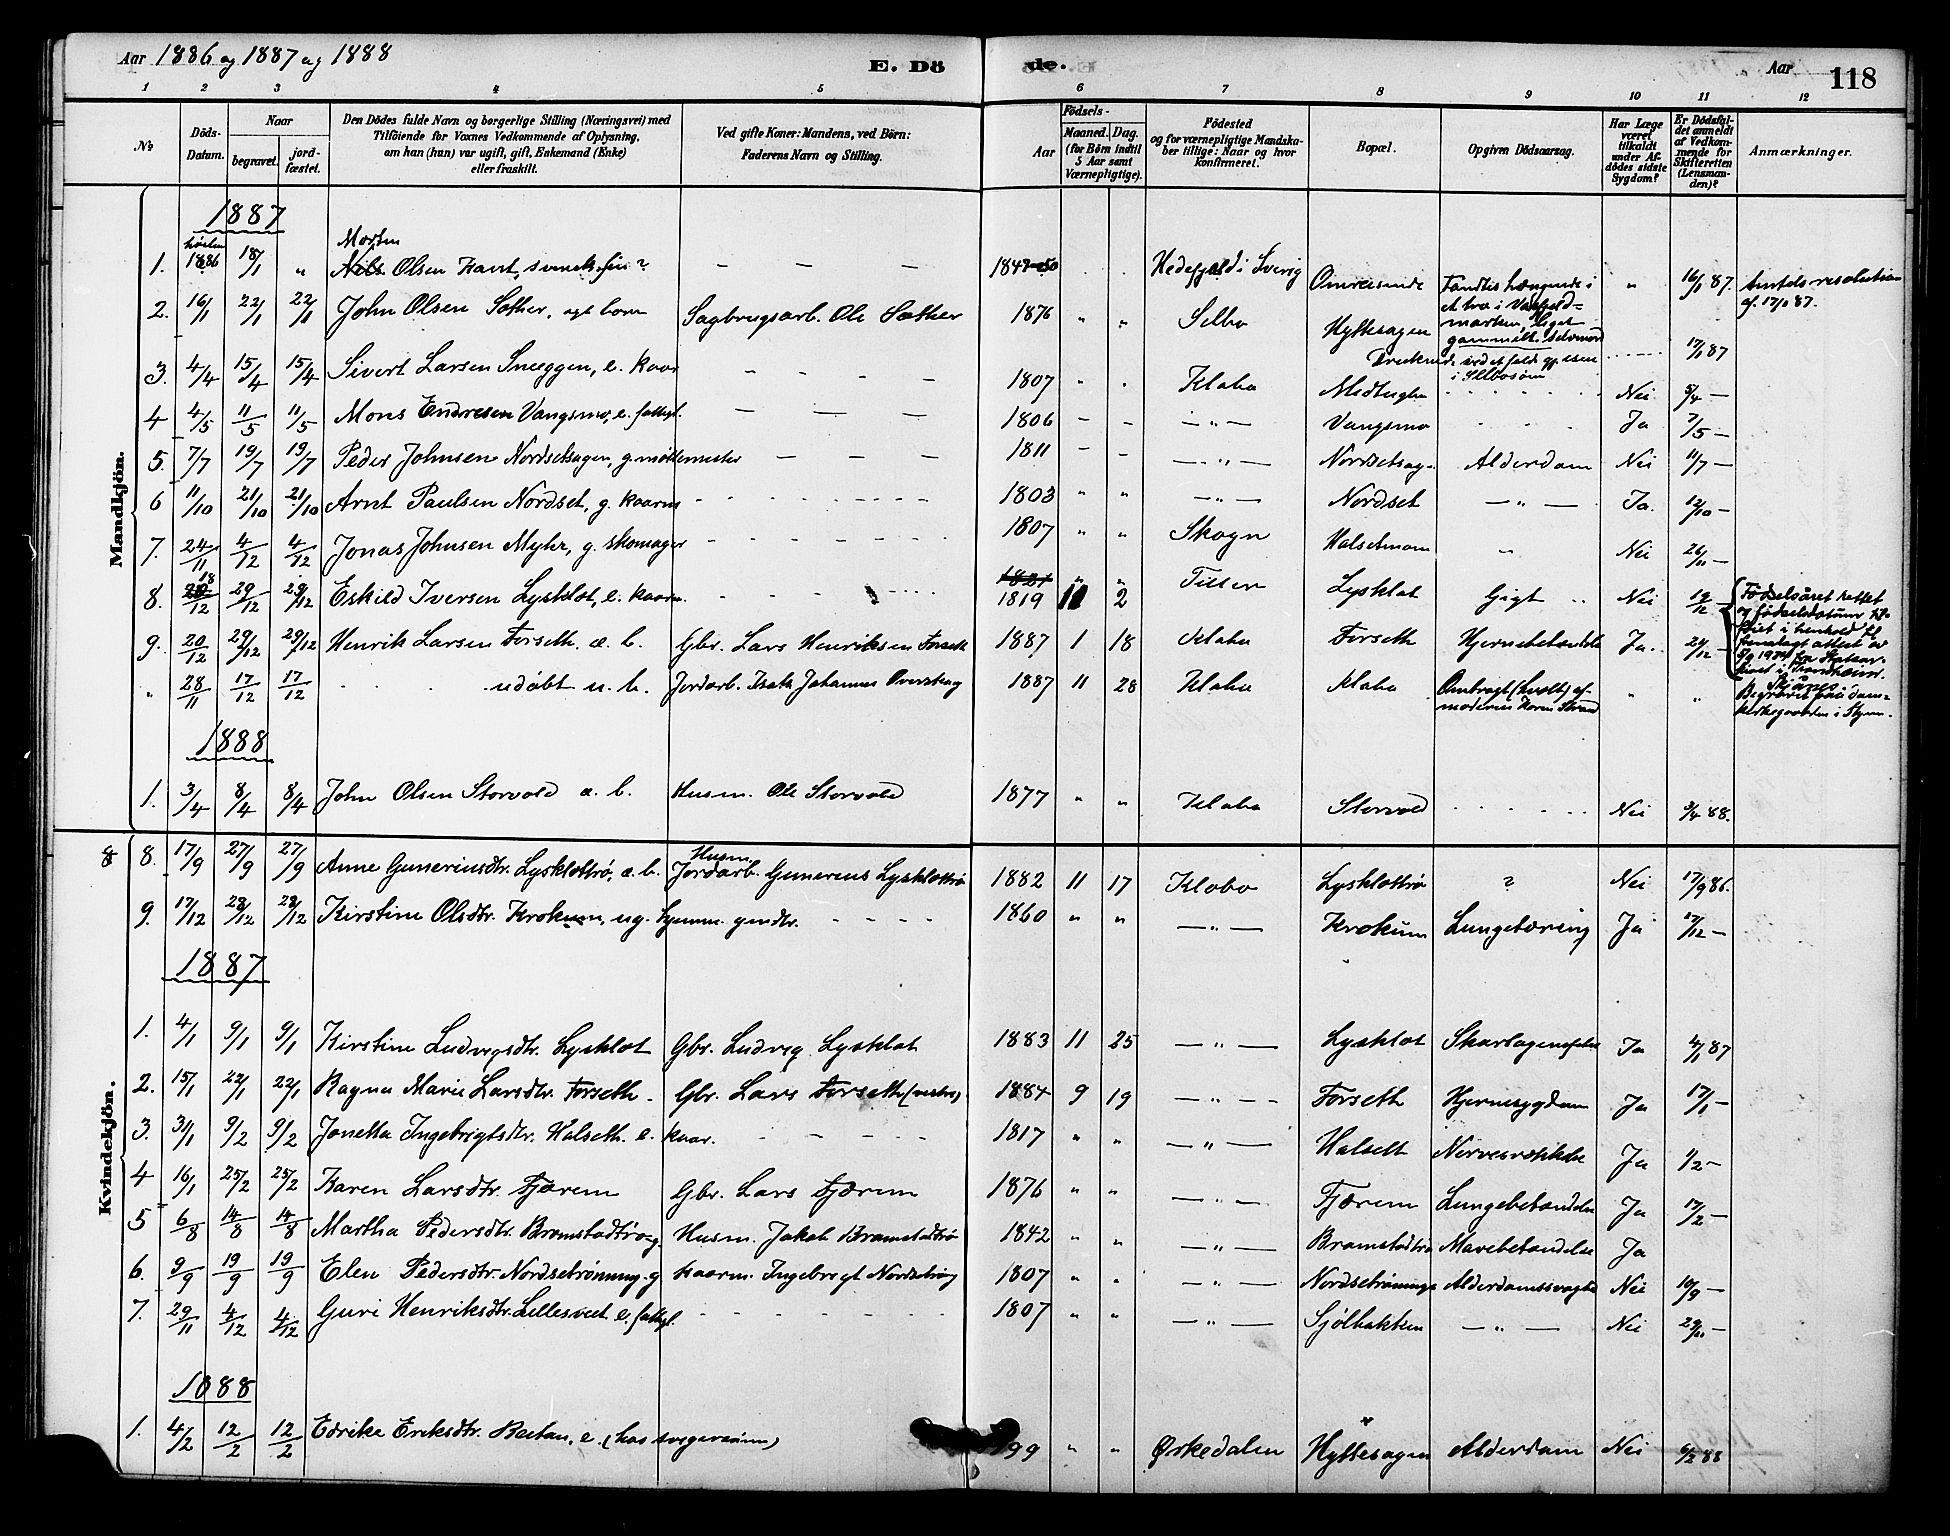 SAT, Ministerialprotokoller, klokkerbøker og fødselsregistre - Sør-Trøndelag, 618/L0444: Ministerialbok nr. 618A07, 1880-1898, s. 118